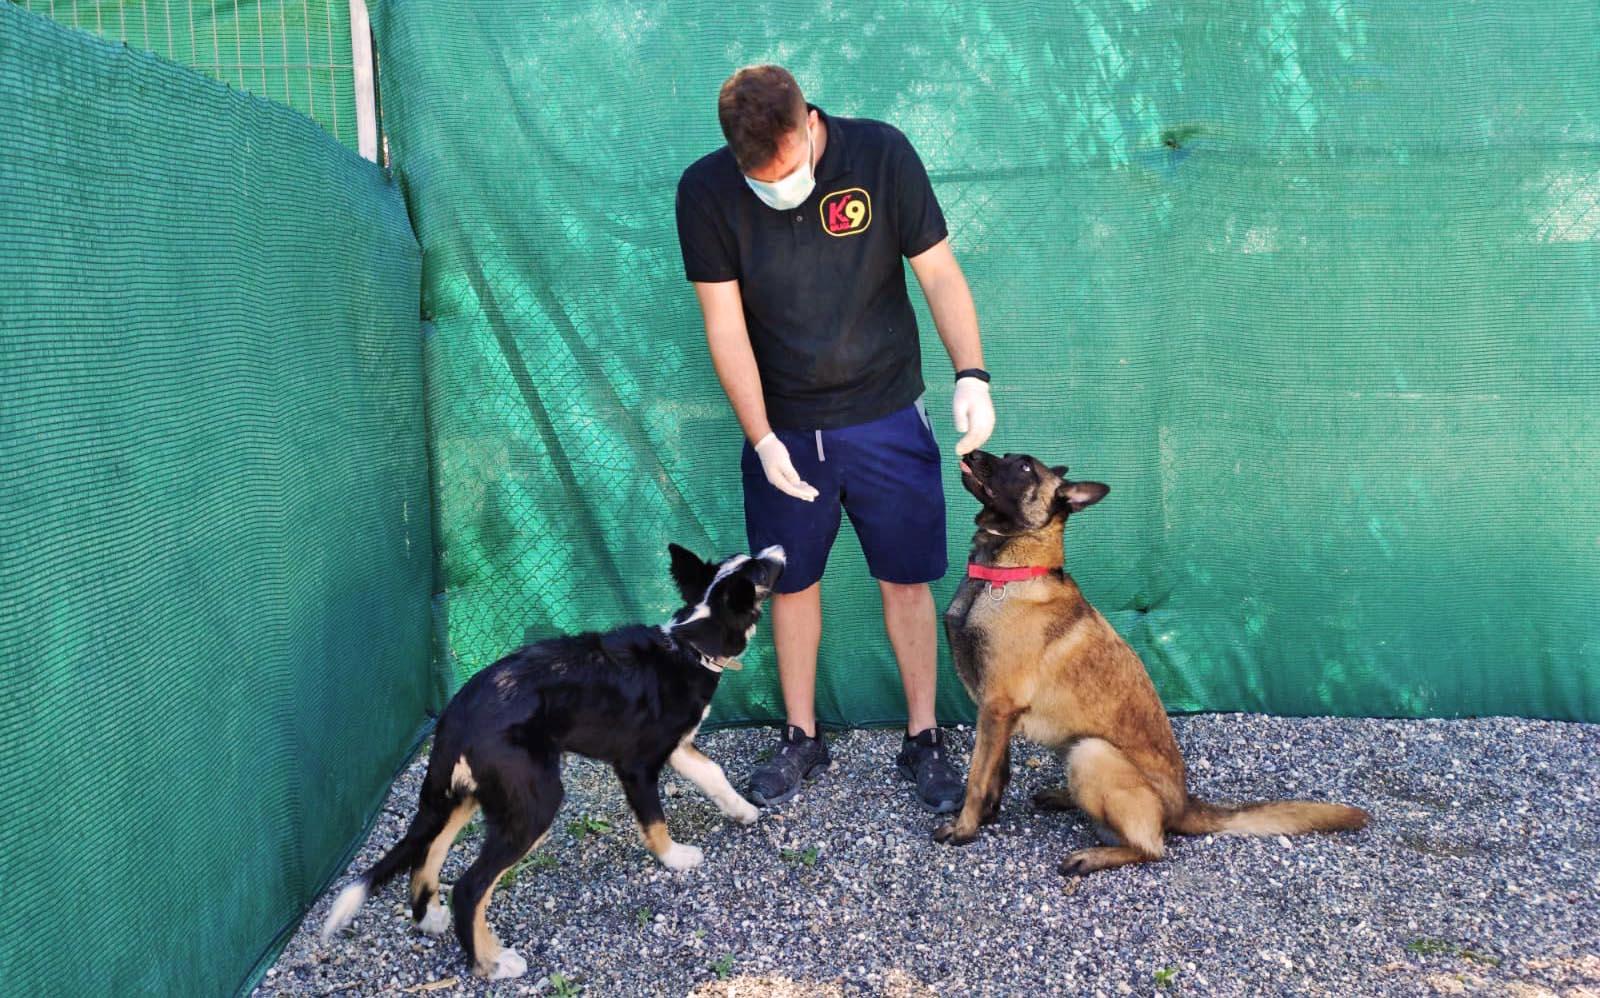 adiestramiento-canino-k9-malaga-retoma-sus-actividades-18-mayo-2020-1